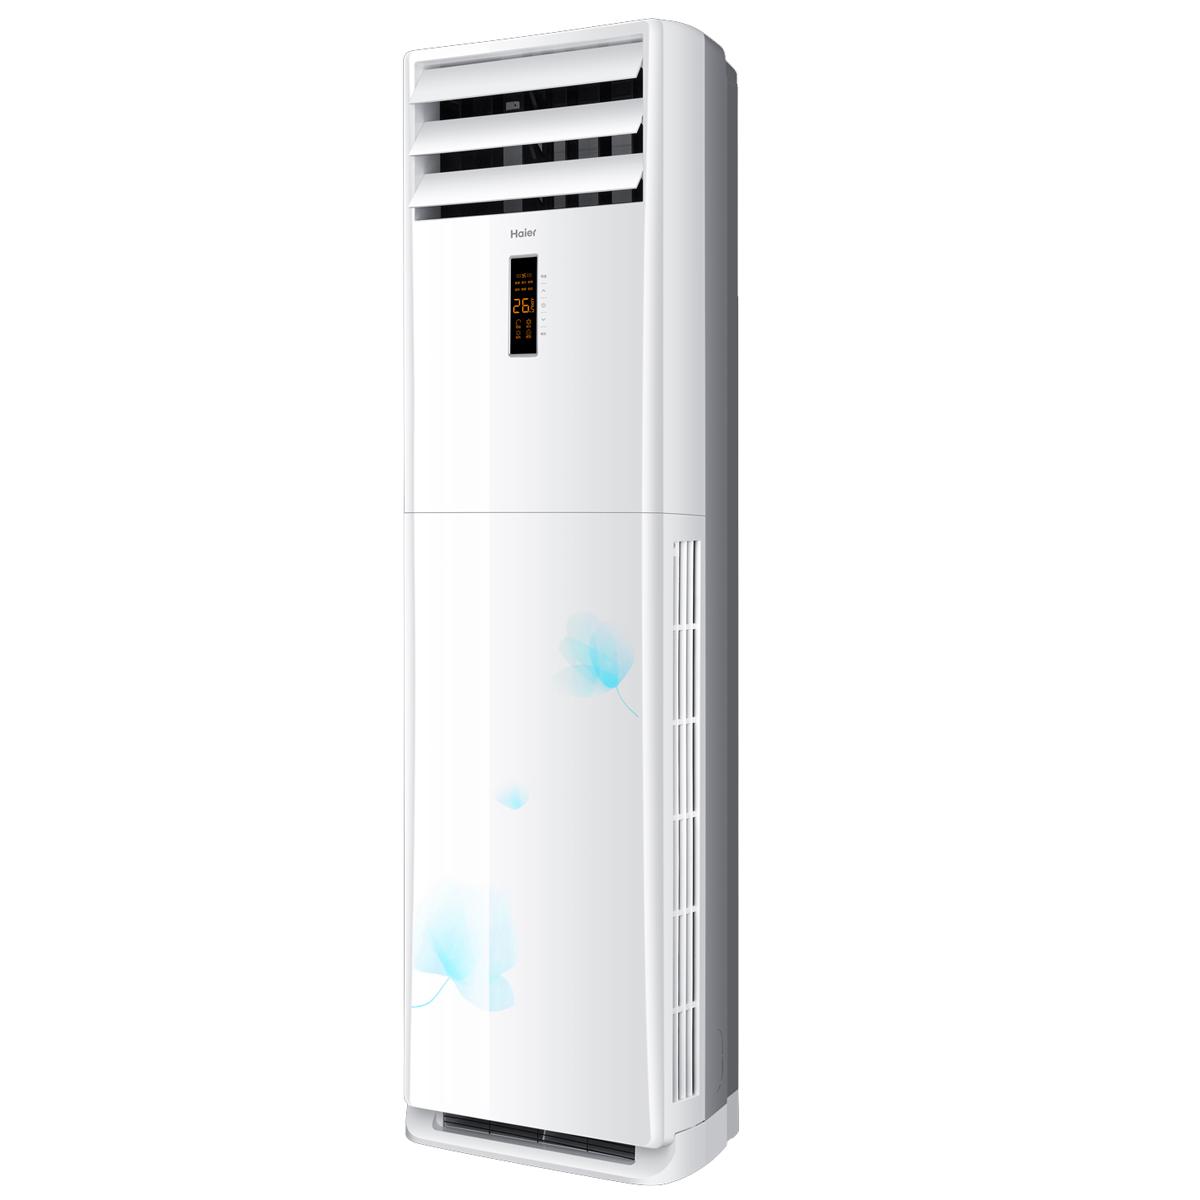 海尔柜机空调说明书_【Haier/海尔KFR-50LW/02ZAC12(花开时节)套机】Haier/海尔高效定频柜式 ...